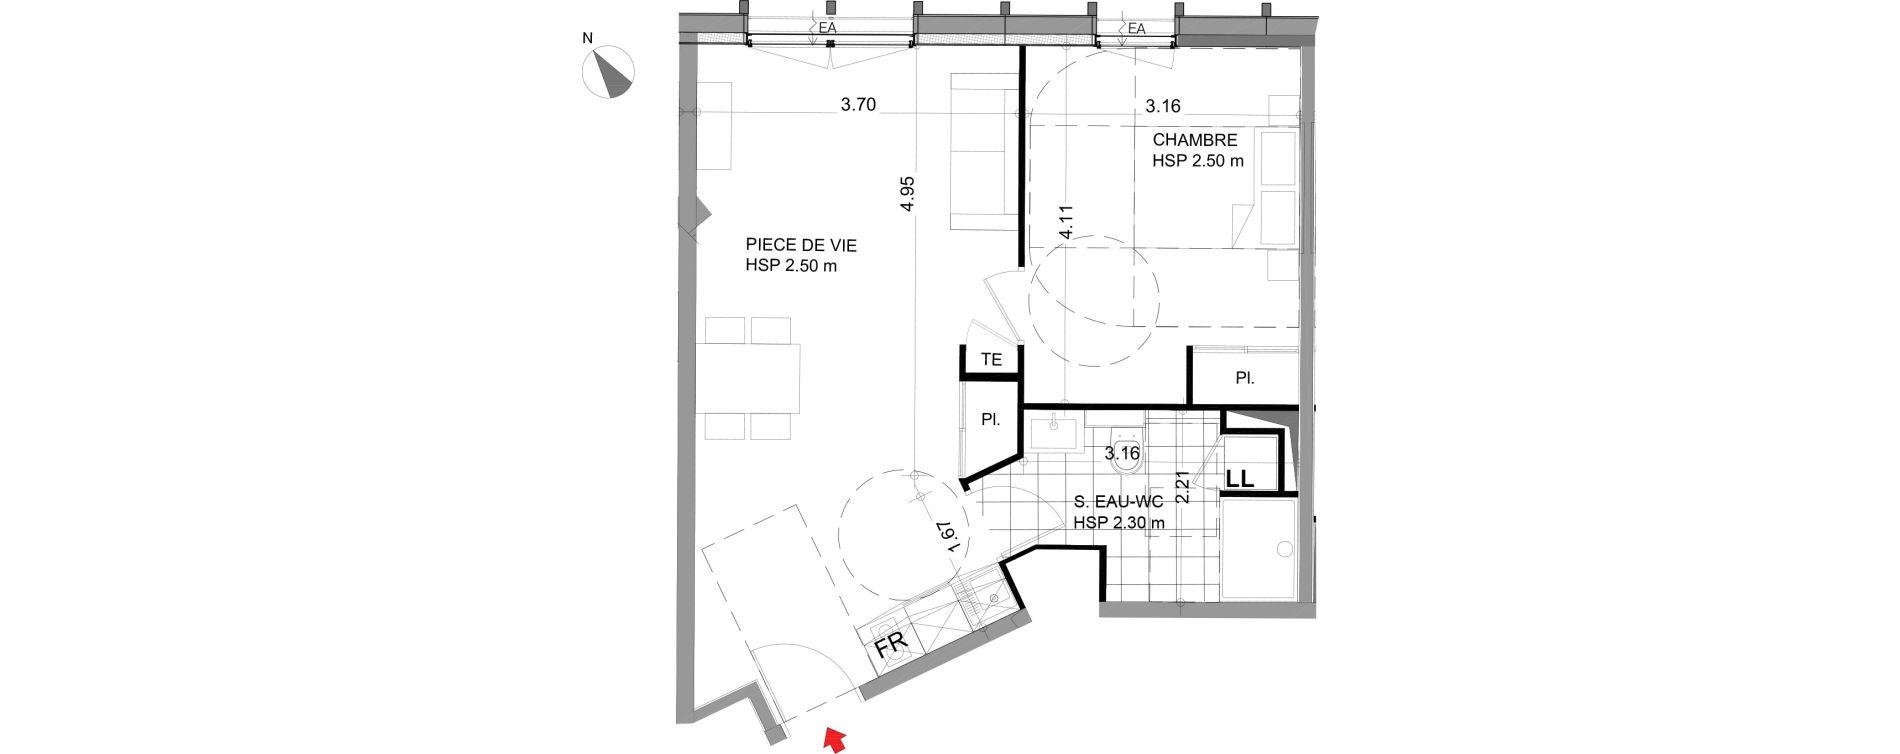 Appartement T2 meublé de 44,98 m2 à Angers Angers centre